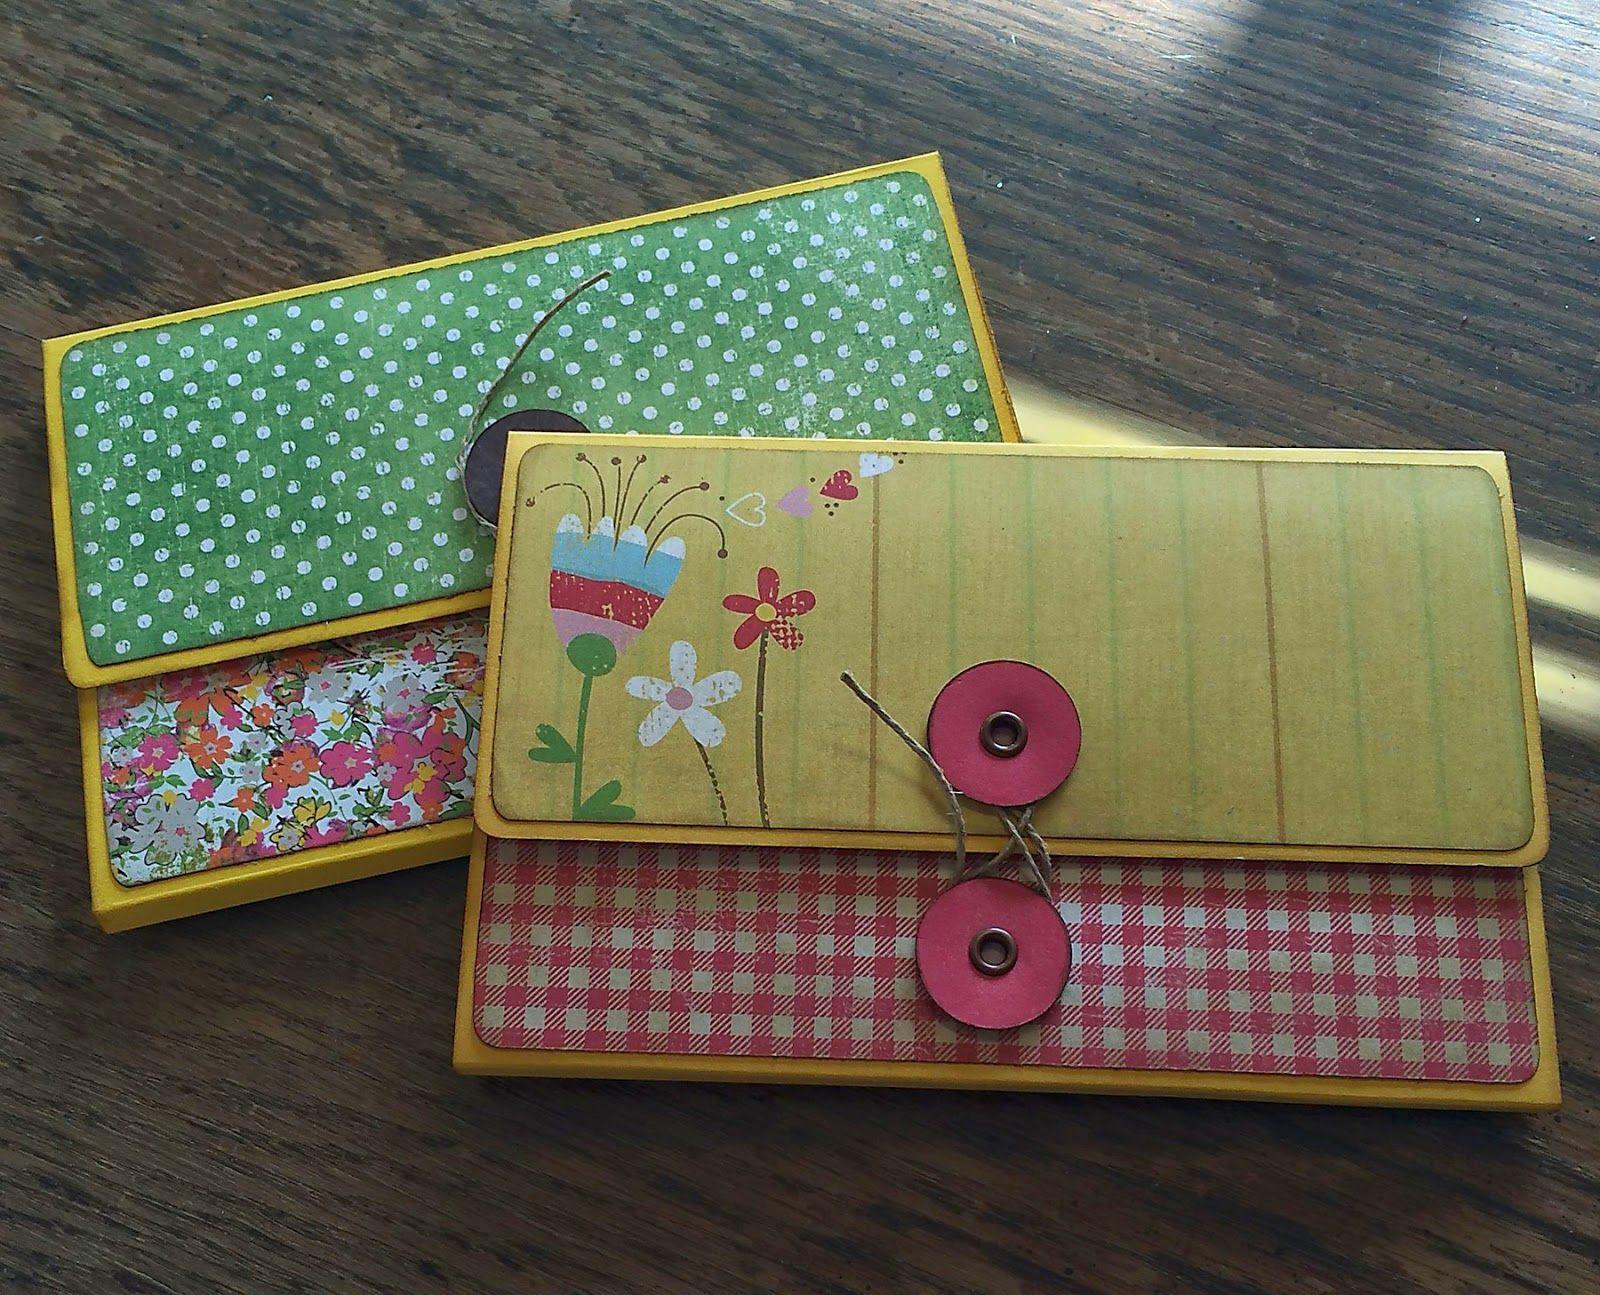 Scrapbook notebook ideas - The Olde Saltbox Wallet Mini Album Excellent Video Tutorial For This Mini Album